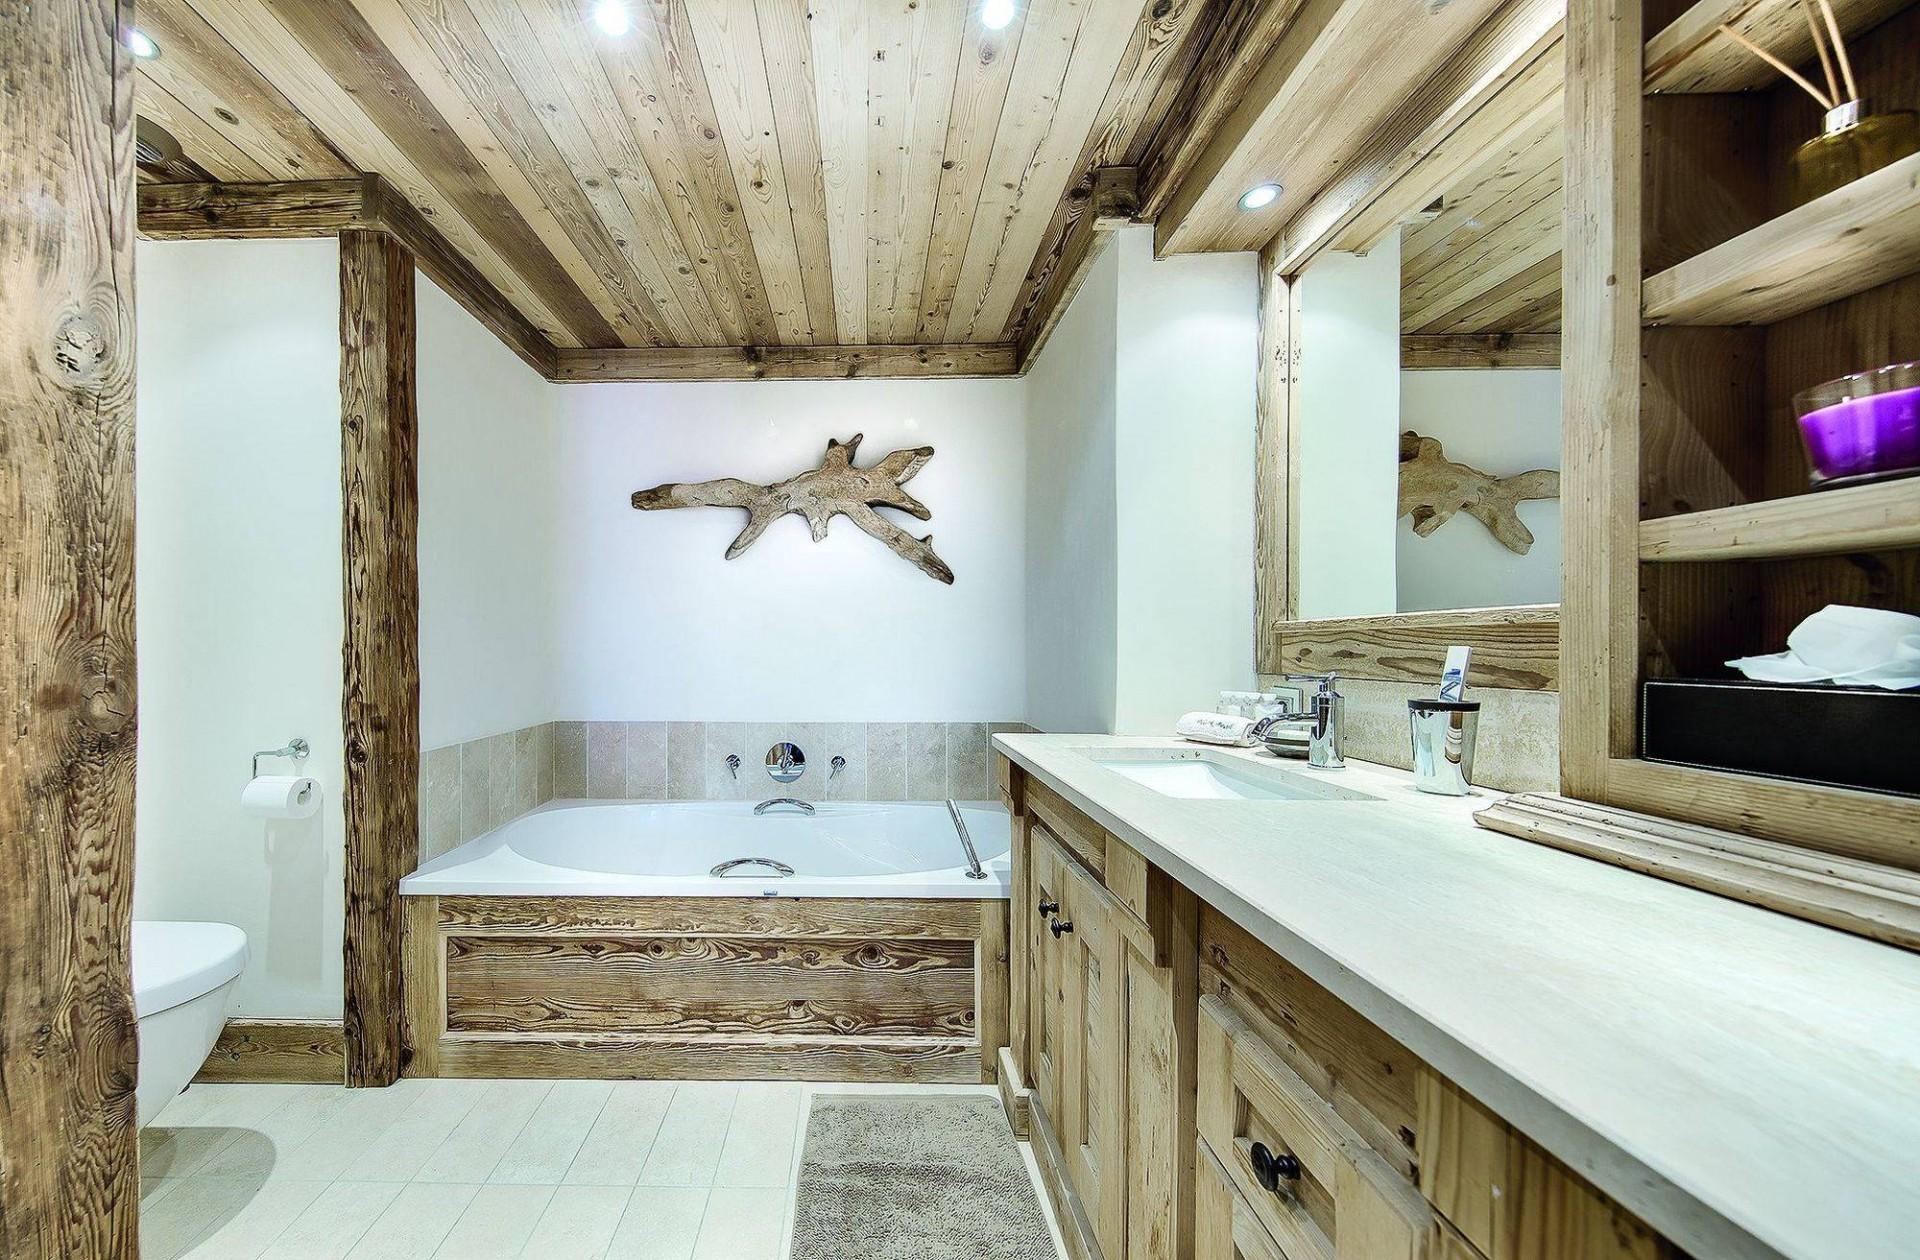 Courchevel 1850 Luxury Rental Chalet Bepalite Bathroom